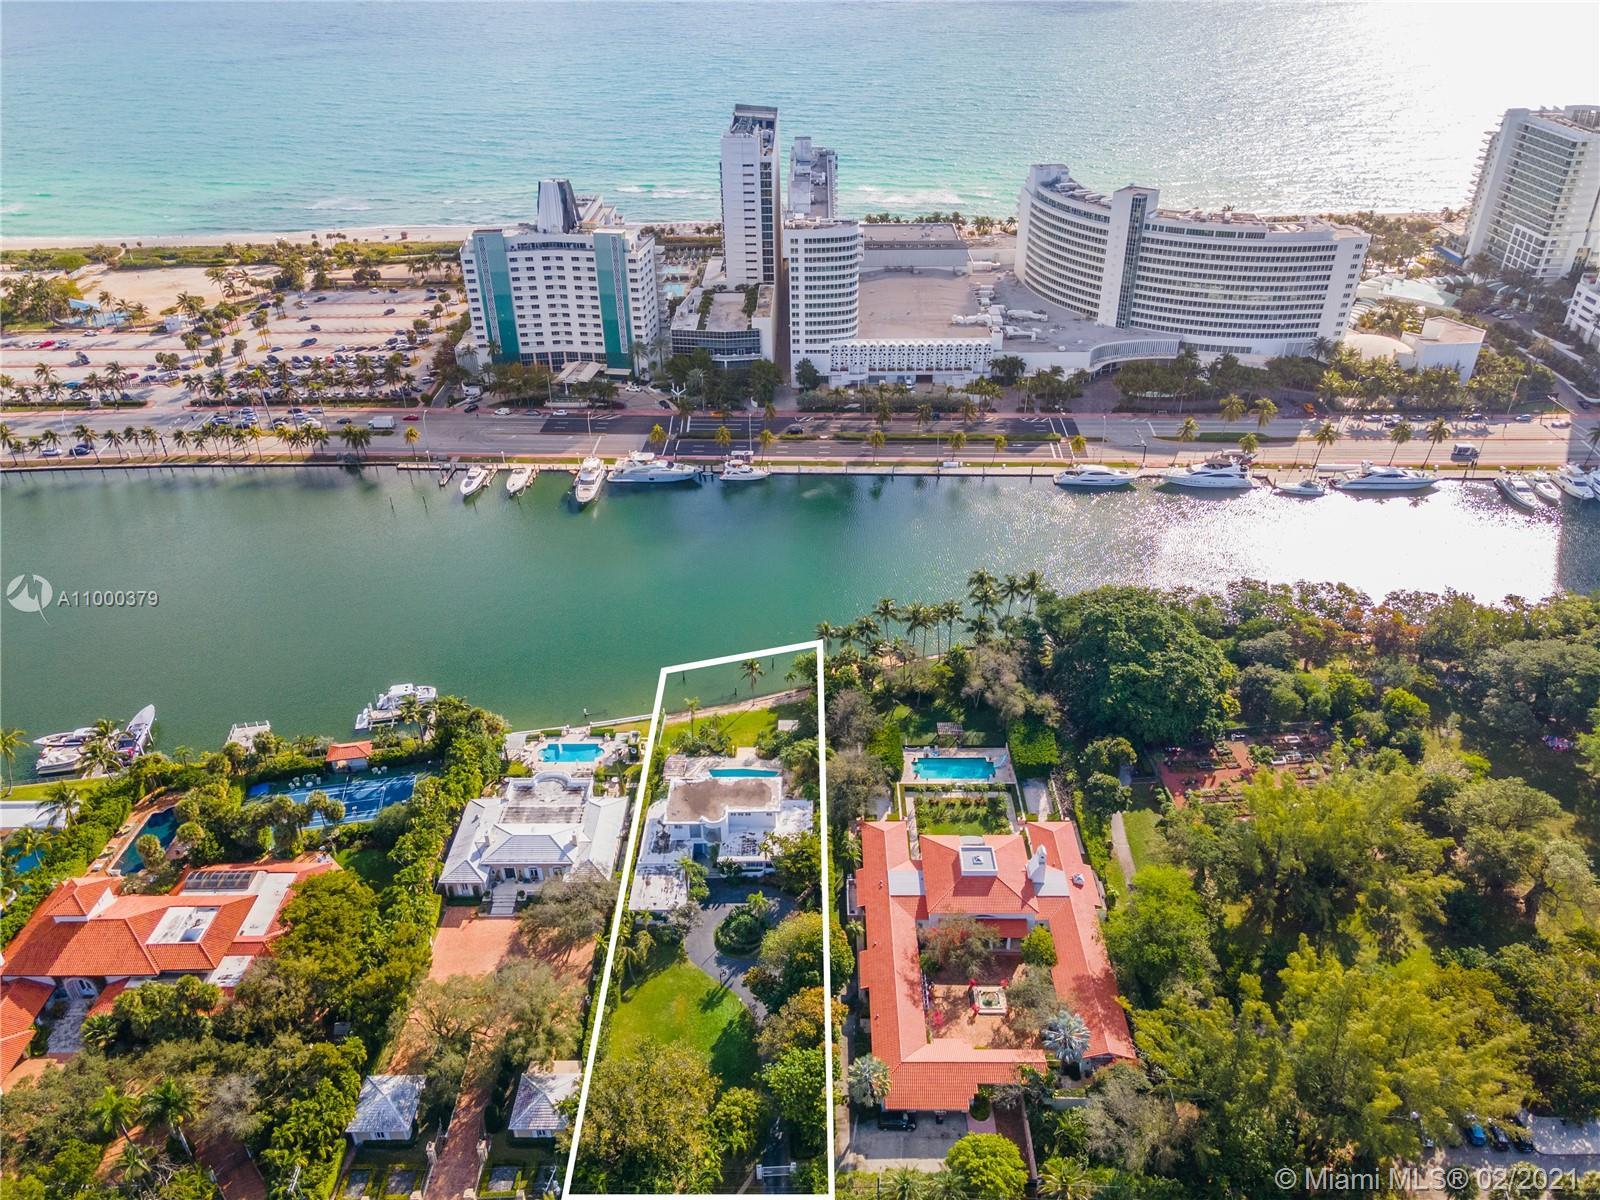 Nautilus - 4525 Pine Tree Dr, Miami Beach, FL 33140